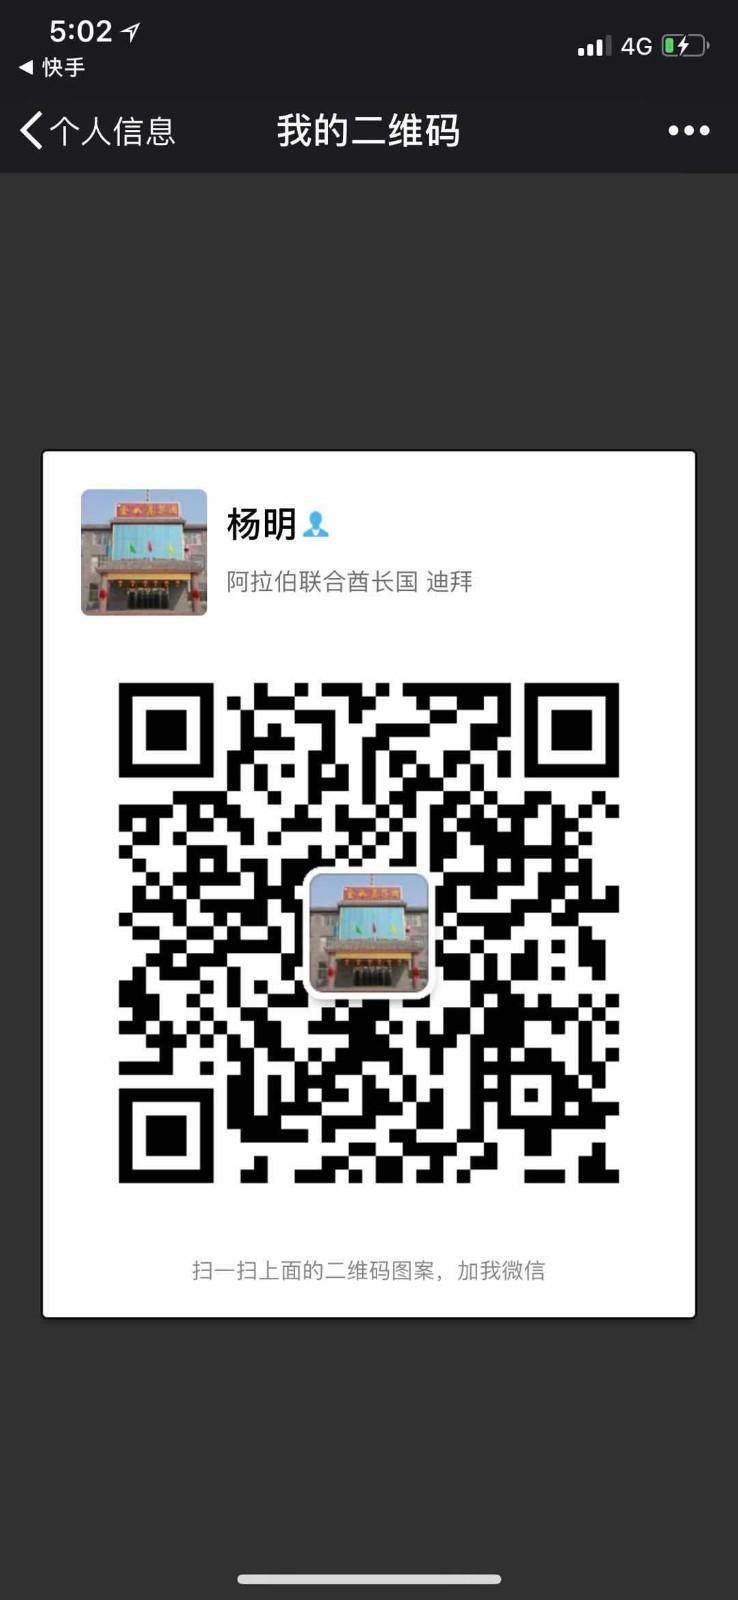 国际城中餐厅转让:因无暇顾及承包或转让,国际城大型营业中餐厅